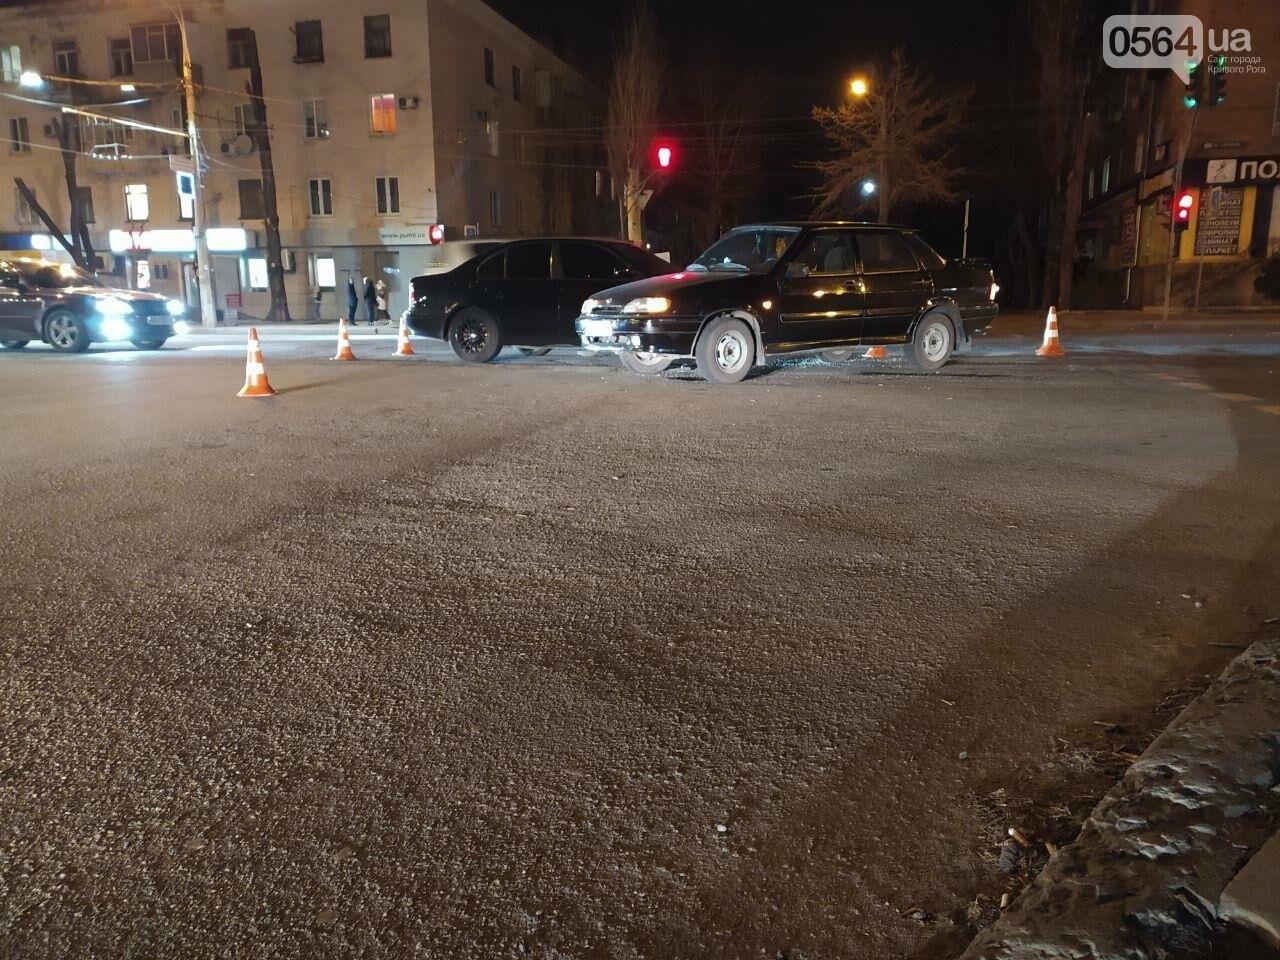 """ДТП в Кривом Роге: на пути BMW оказались """"Жигули"""", - ФОТО, фото-2"""